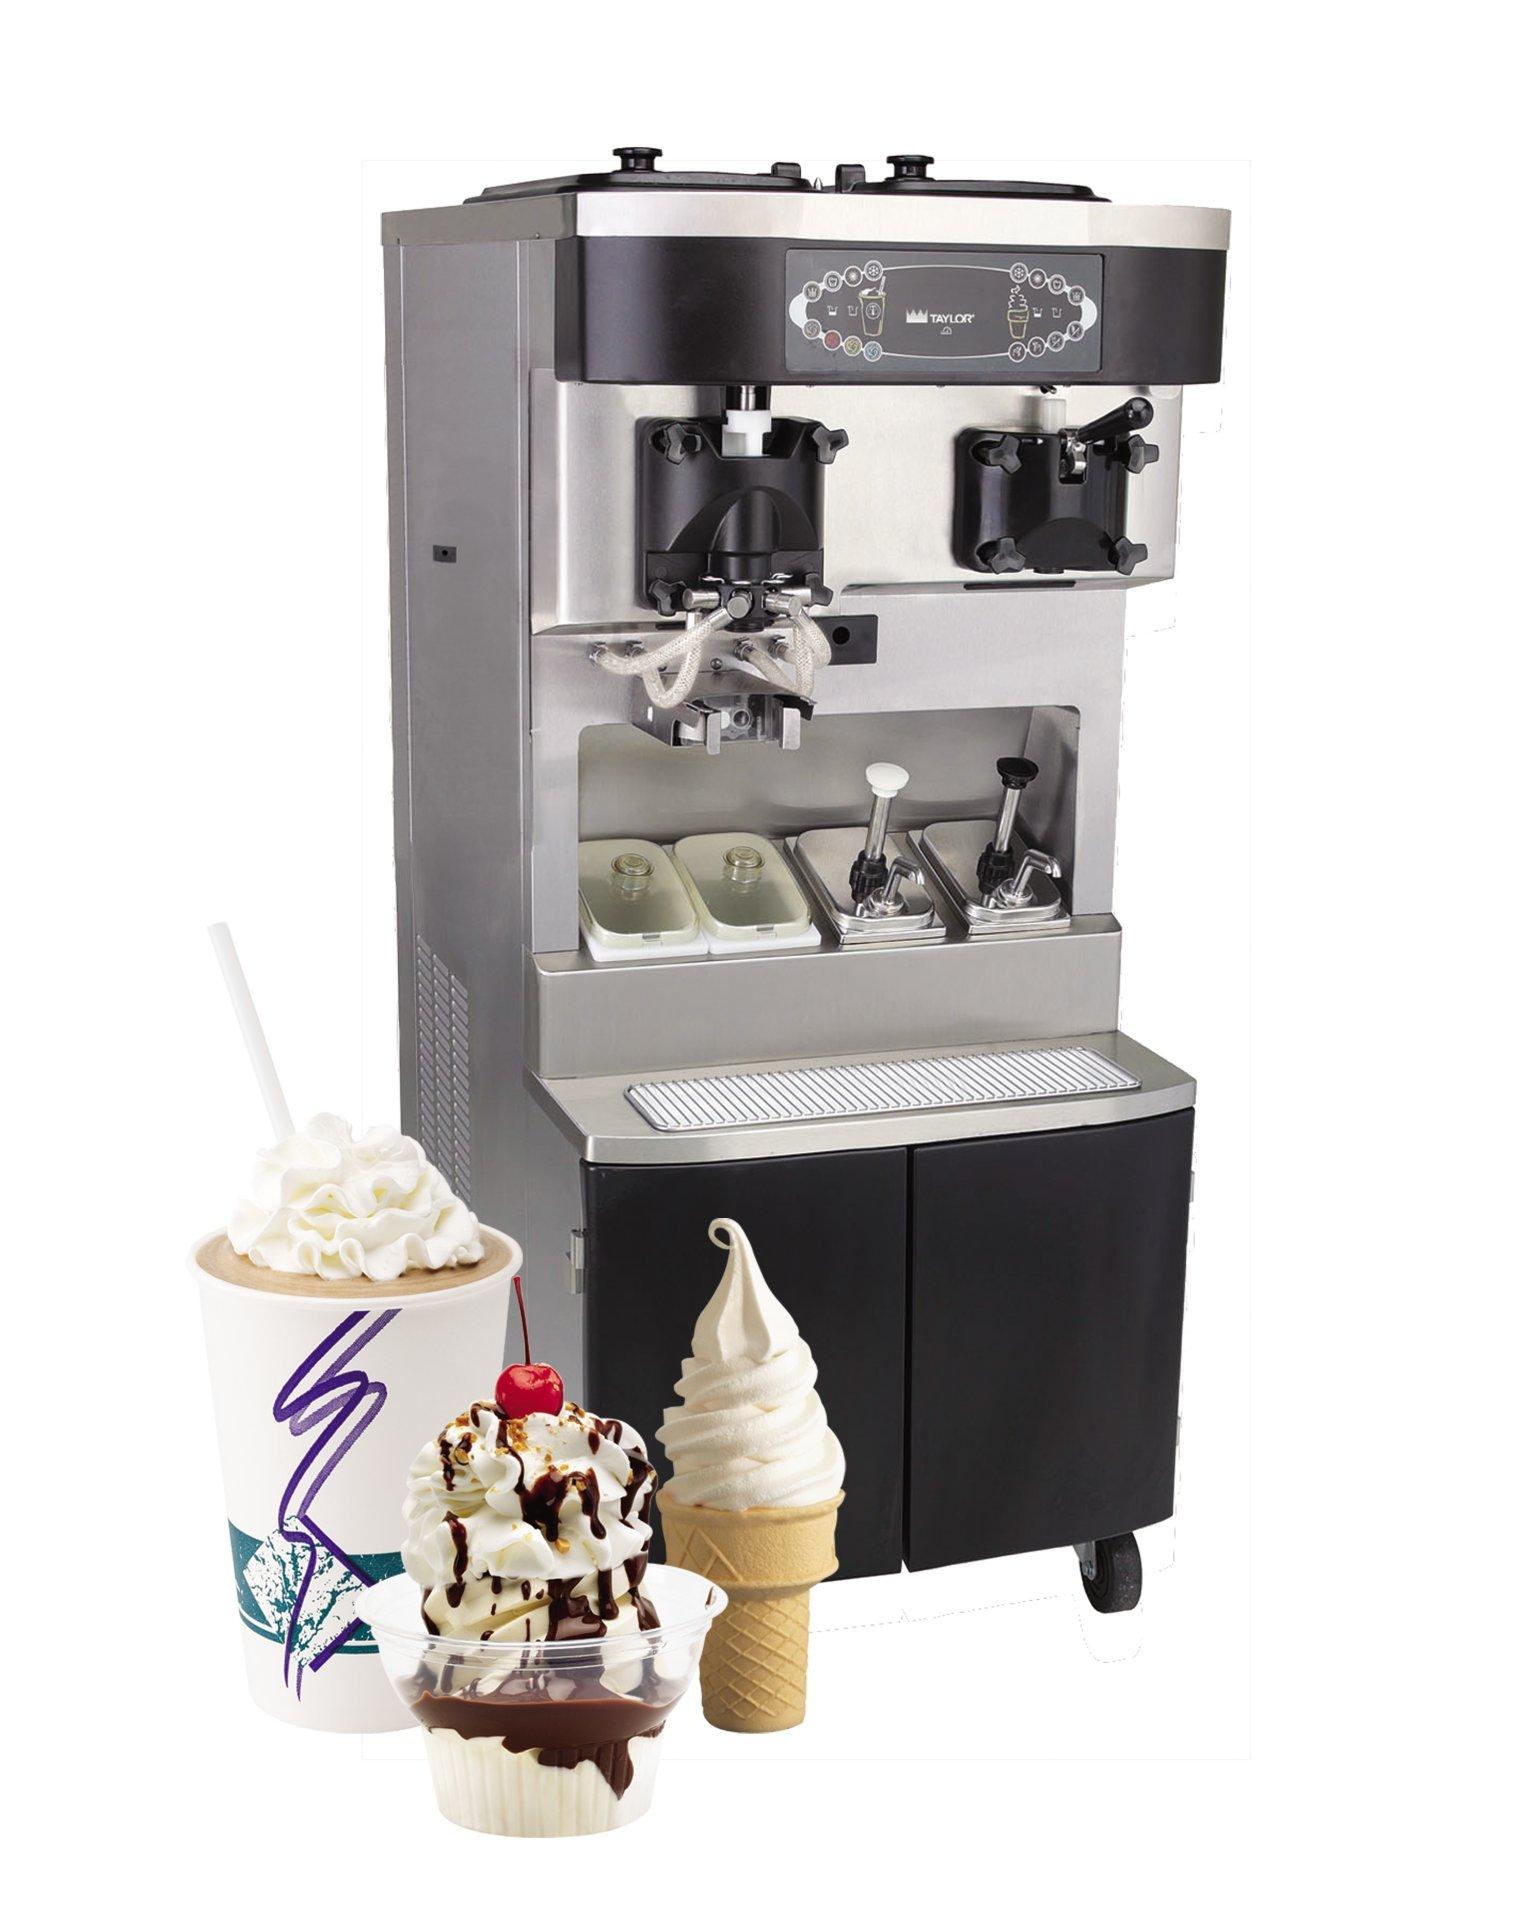 Gastronomické a chladicí zařízení pro hotely i kavárny pro čerstvost surovin